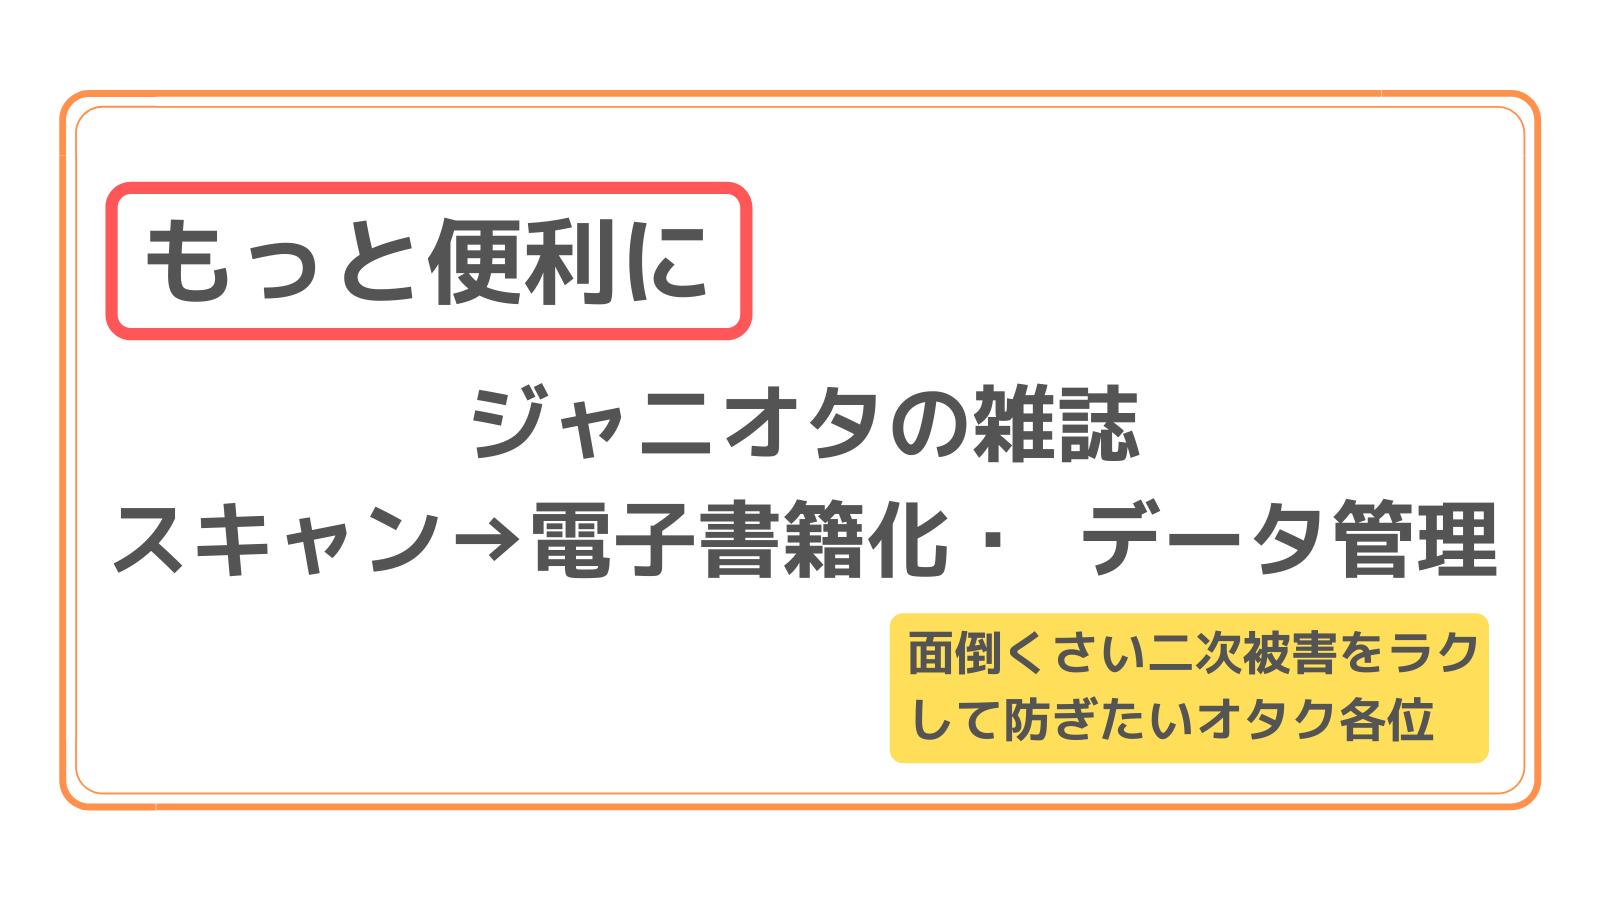 アイキャッチ 【もっと便利に】ジャニオタの雑誌のスキャン→電子書籍化・ データ管理